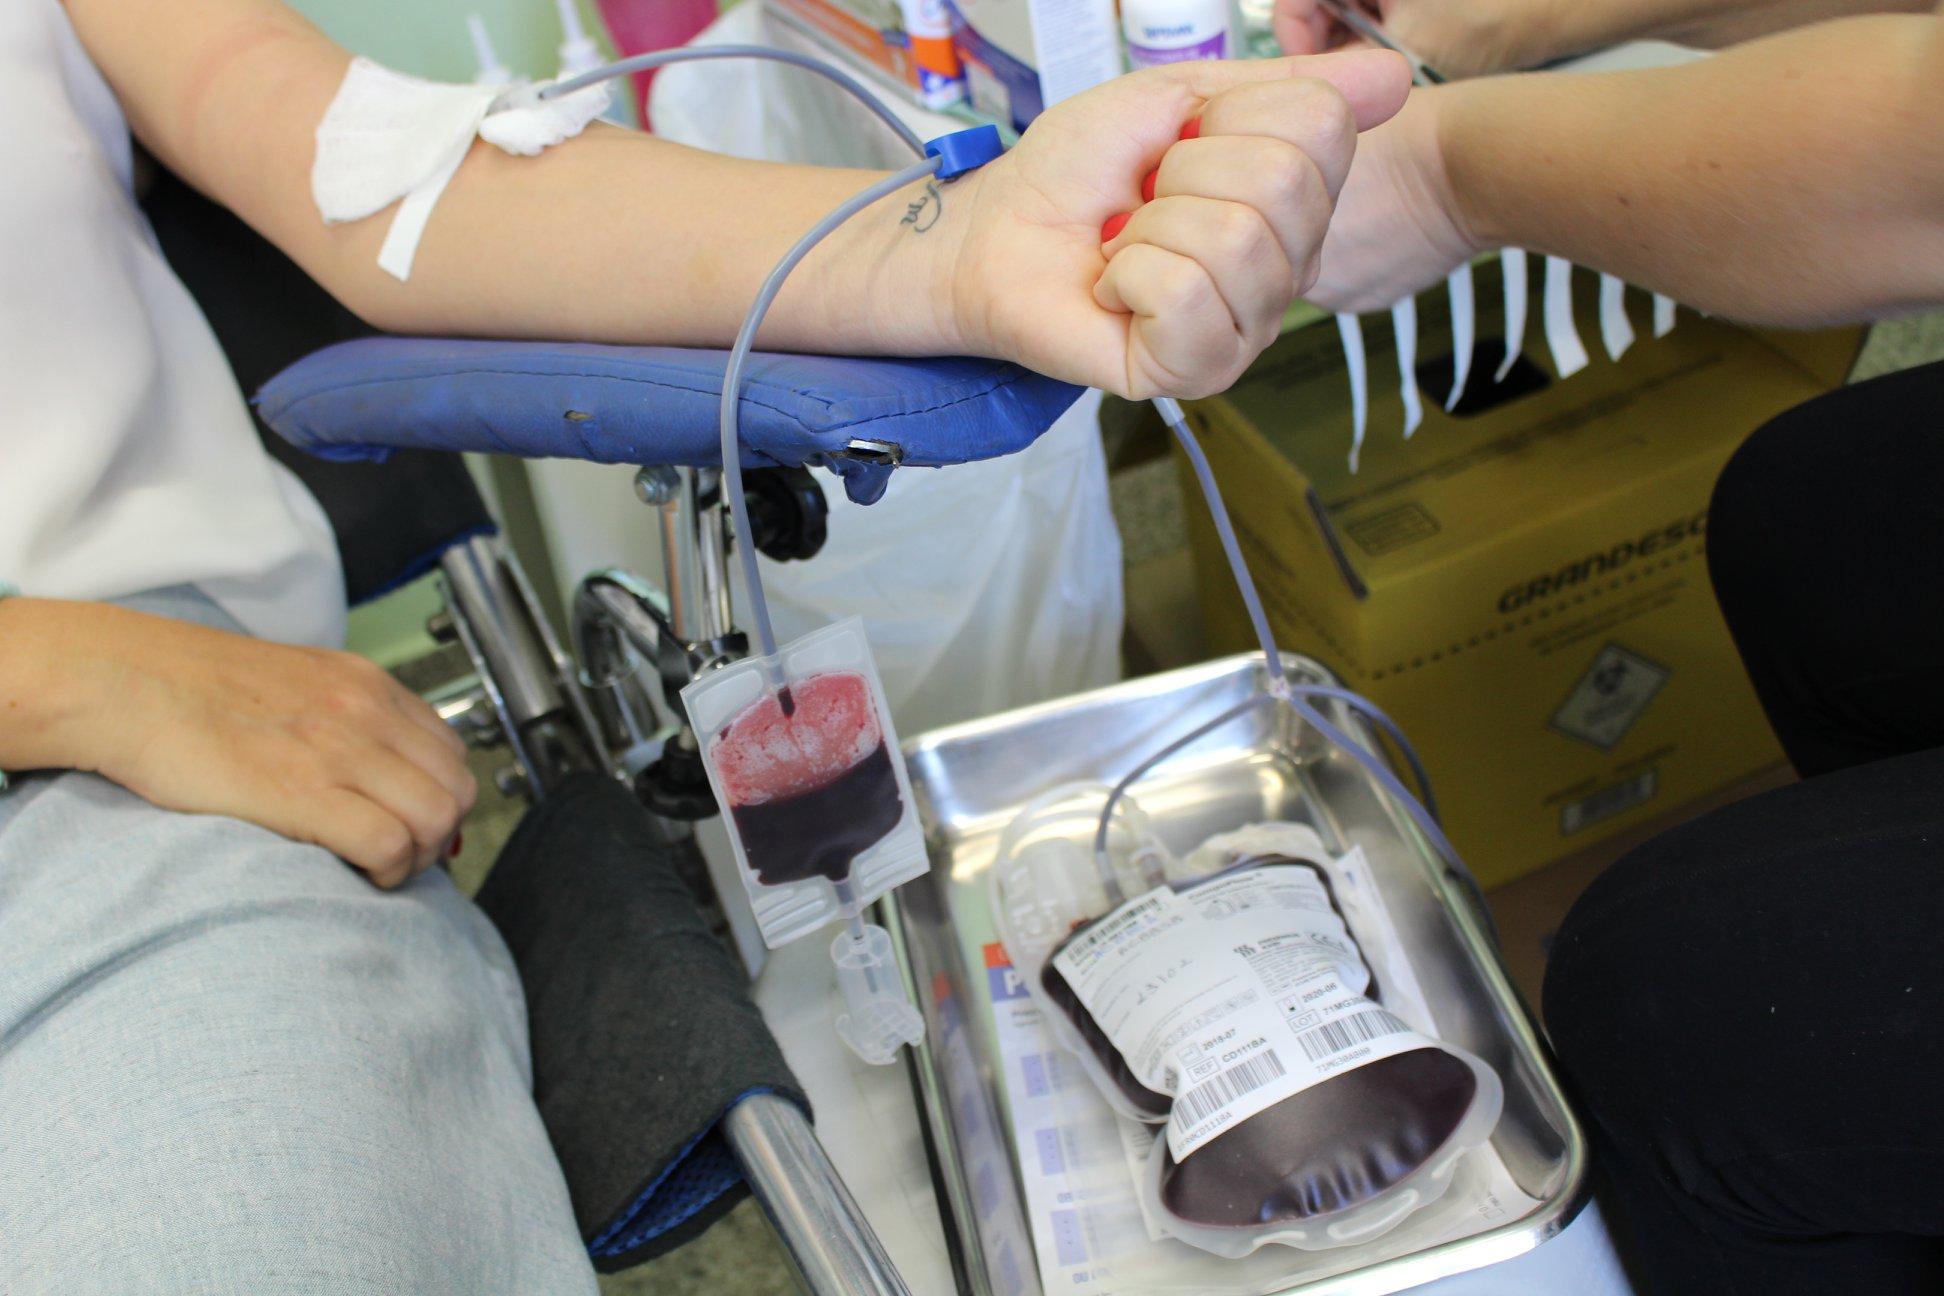 Secretaria de Saúde de Elias Fausto atinge meta na Campanha de Doação de Sangue